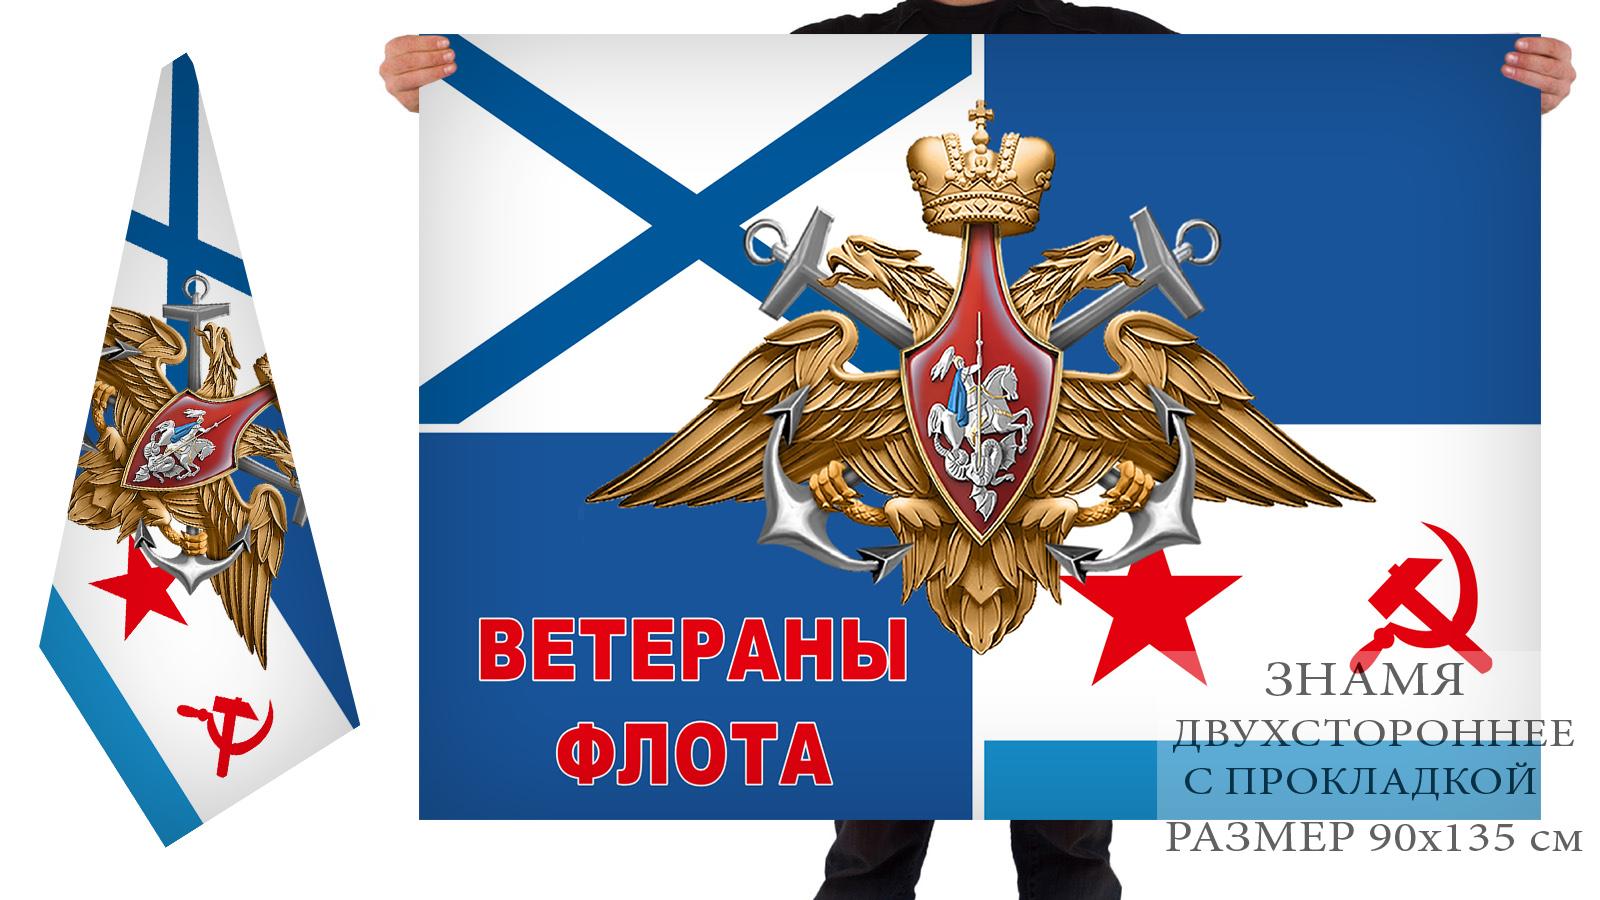 Двусторонний флаг ветеранов ВМФ